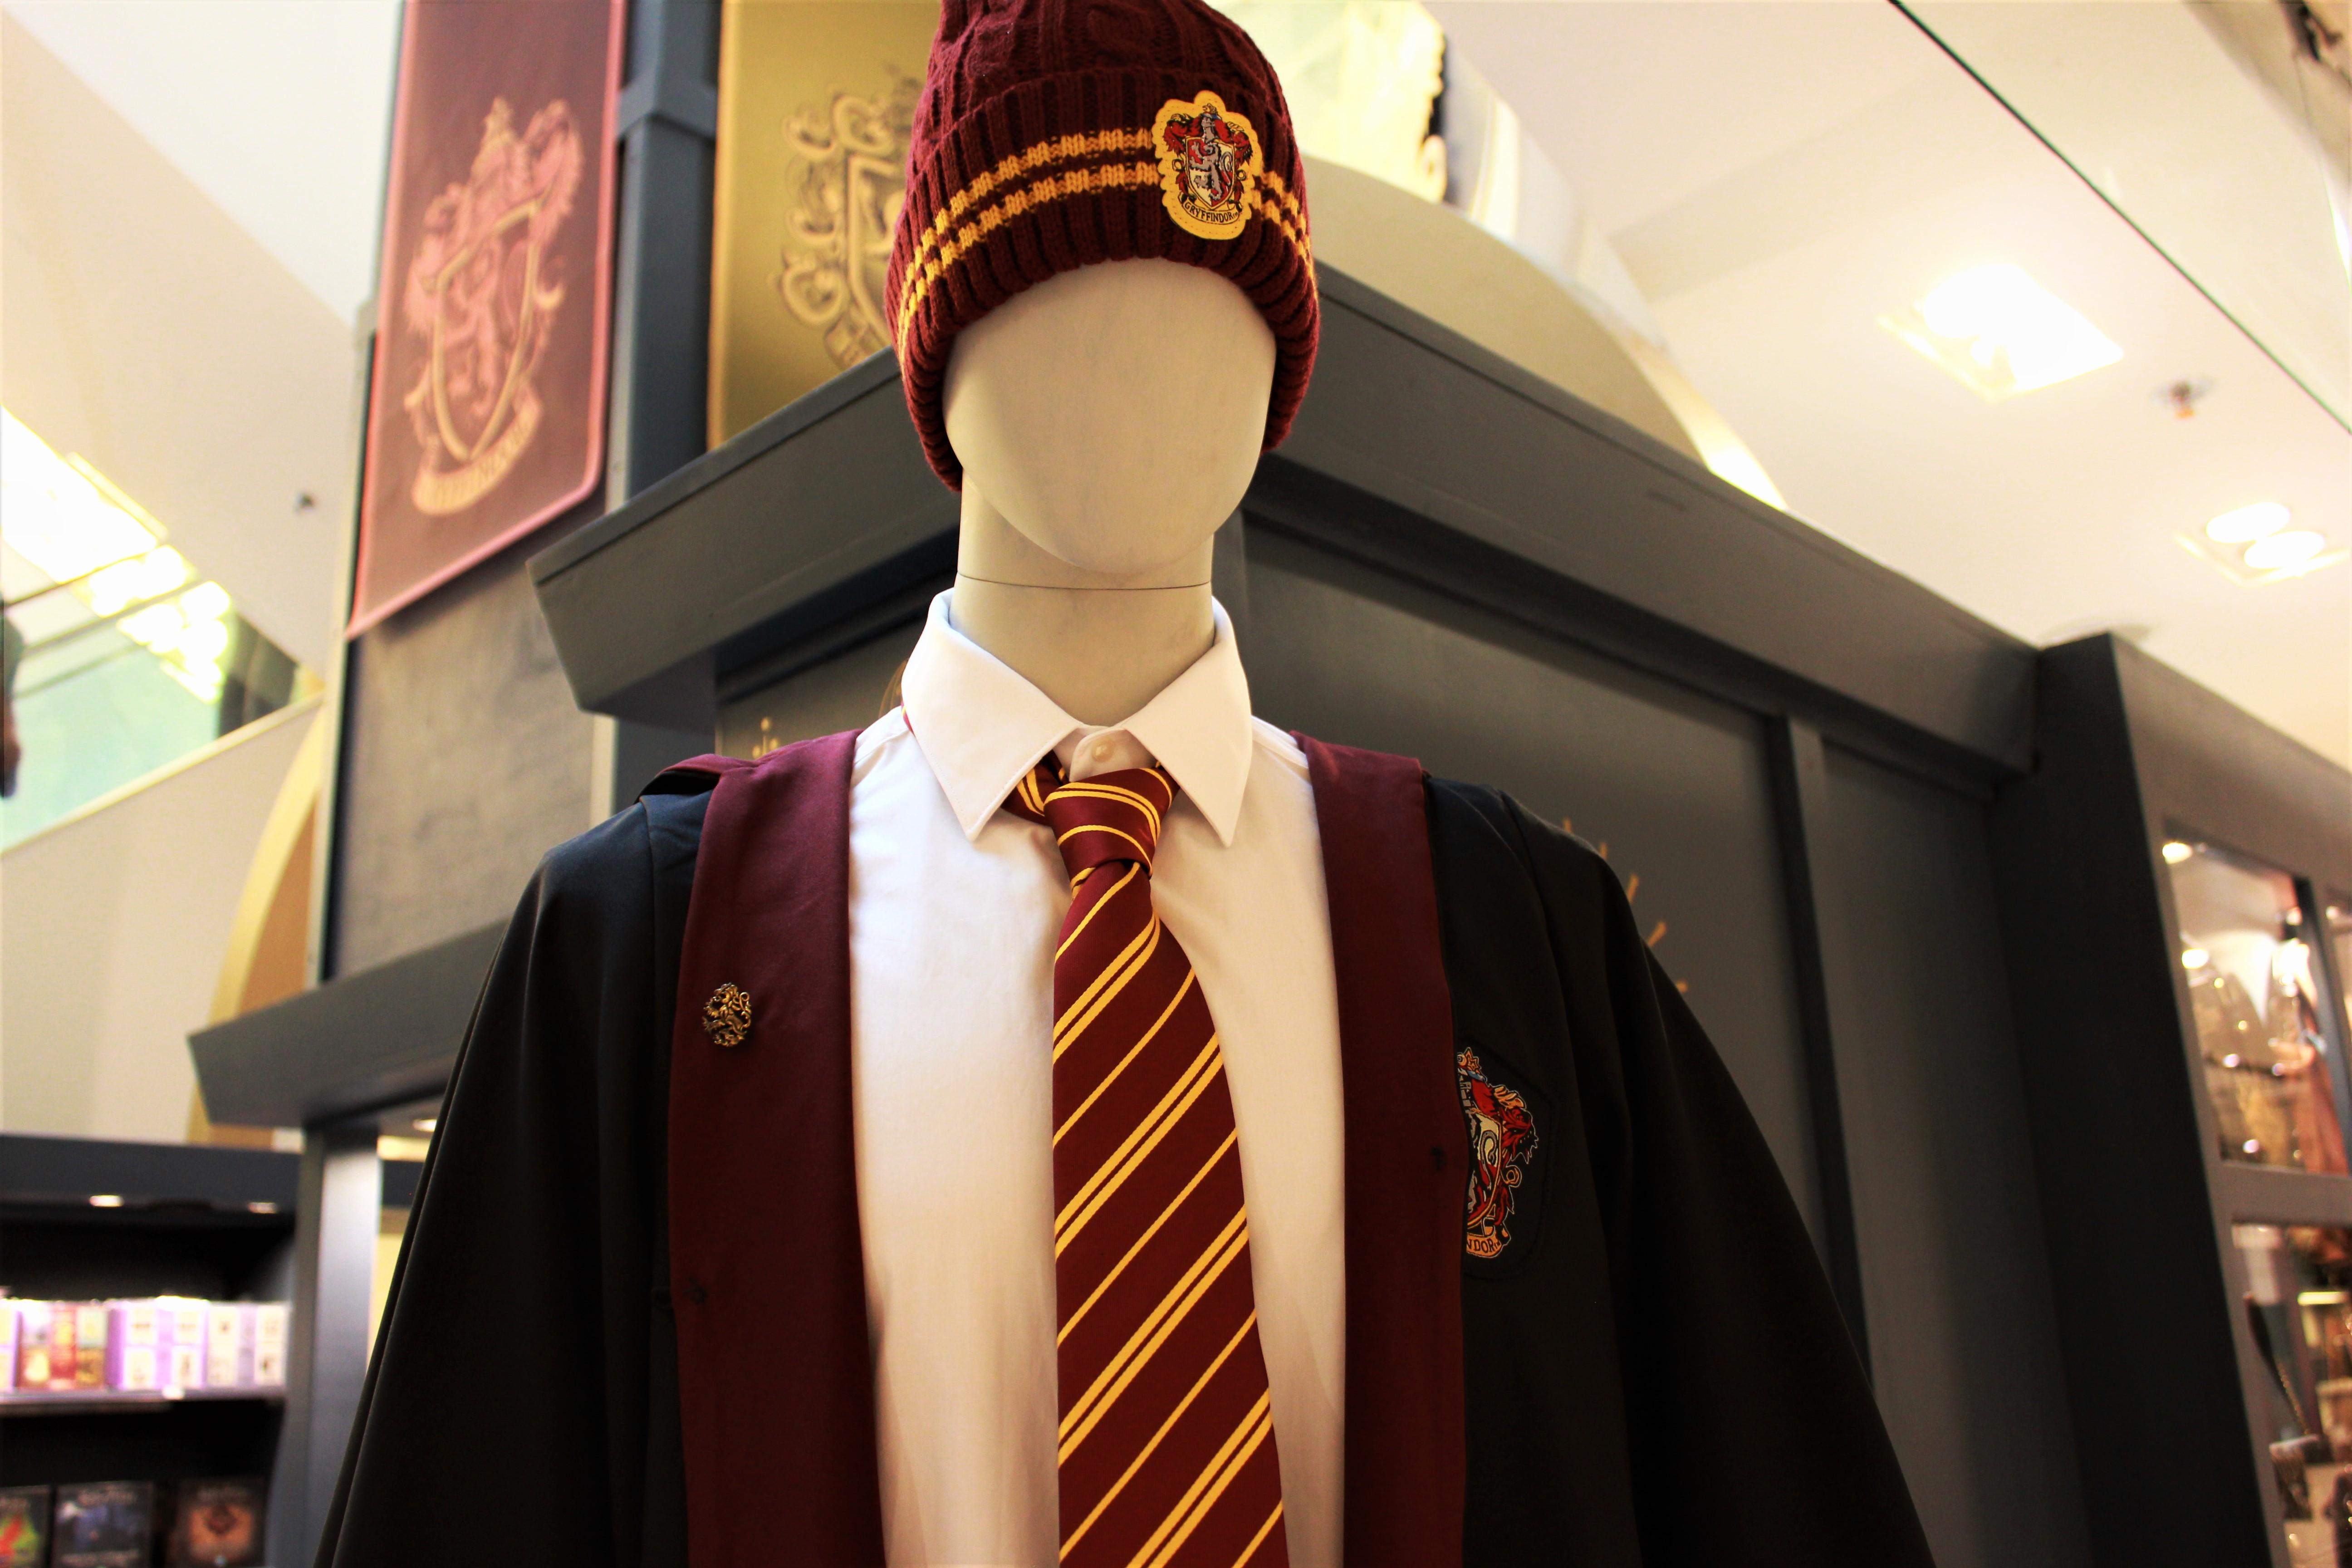 La boutique éphémère d'Harry Potter ? Magique !